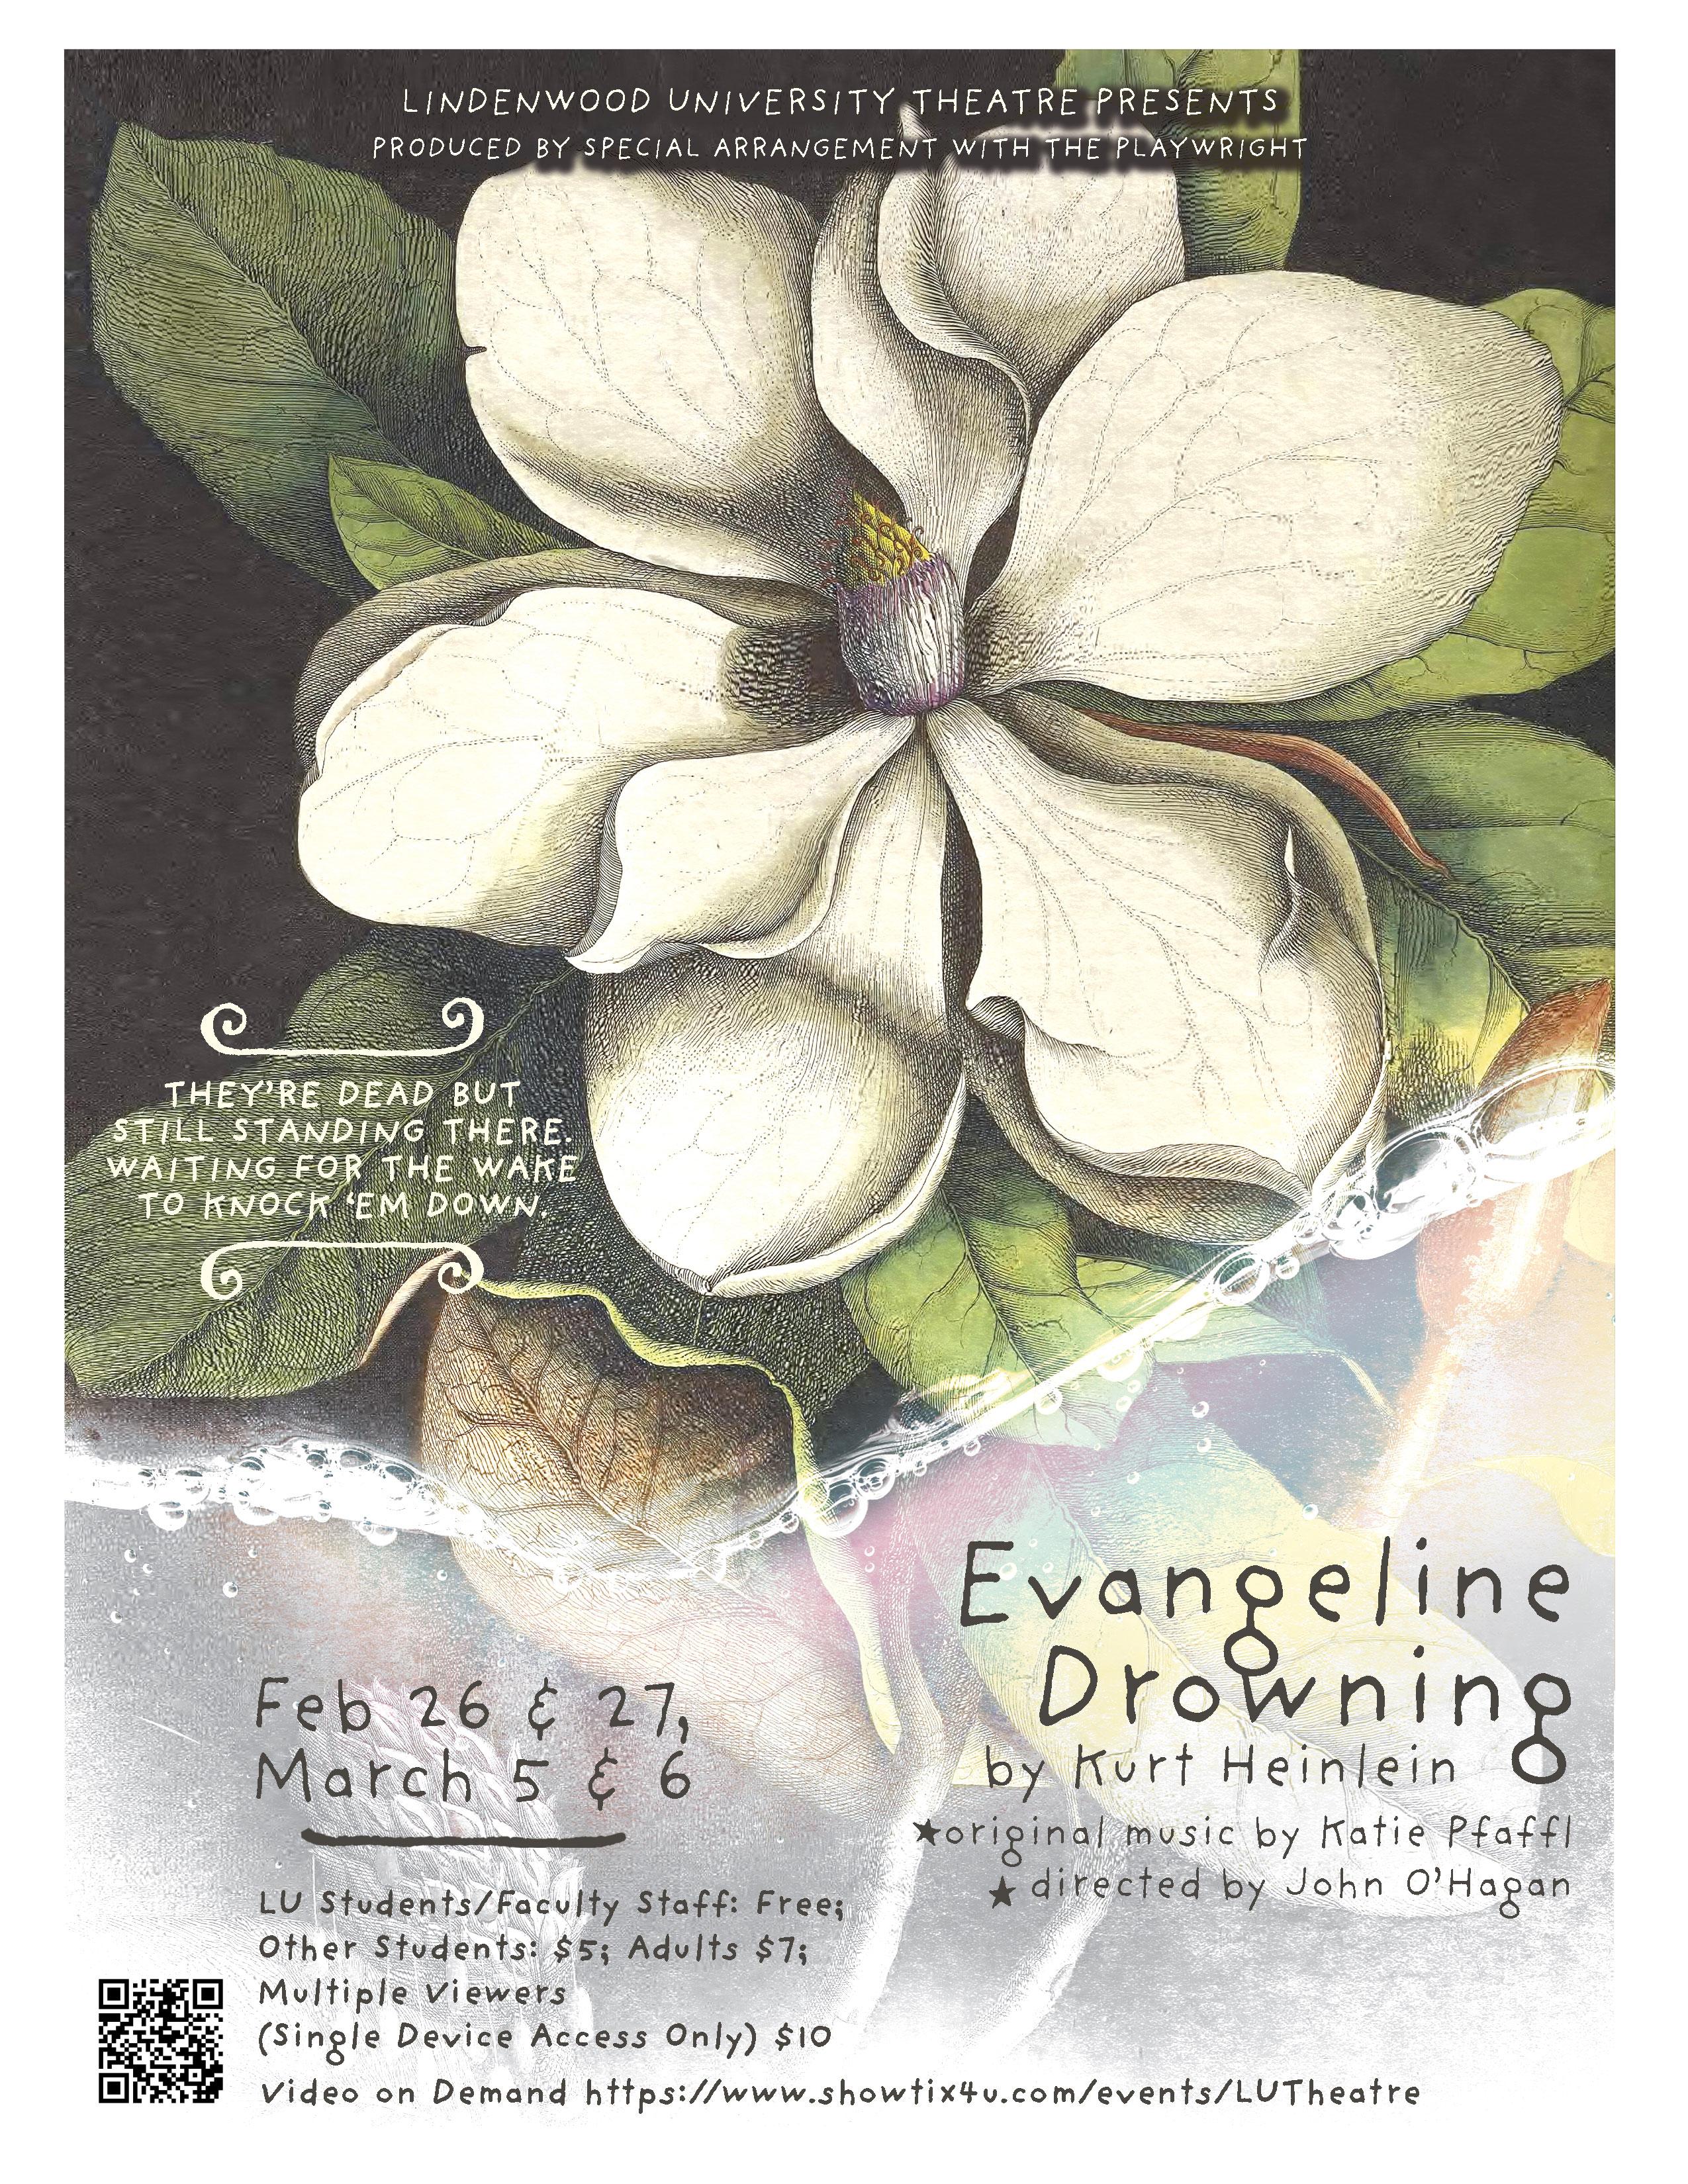 Lindenwood Theatre presents Evangeline Drowning by Kurt Heinlein